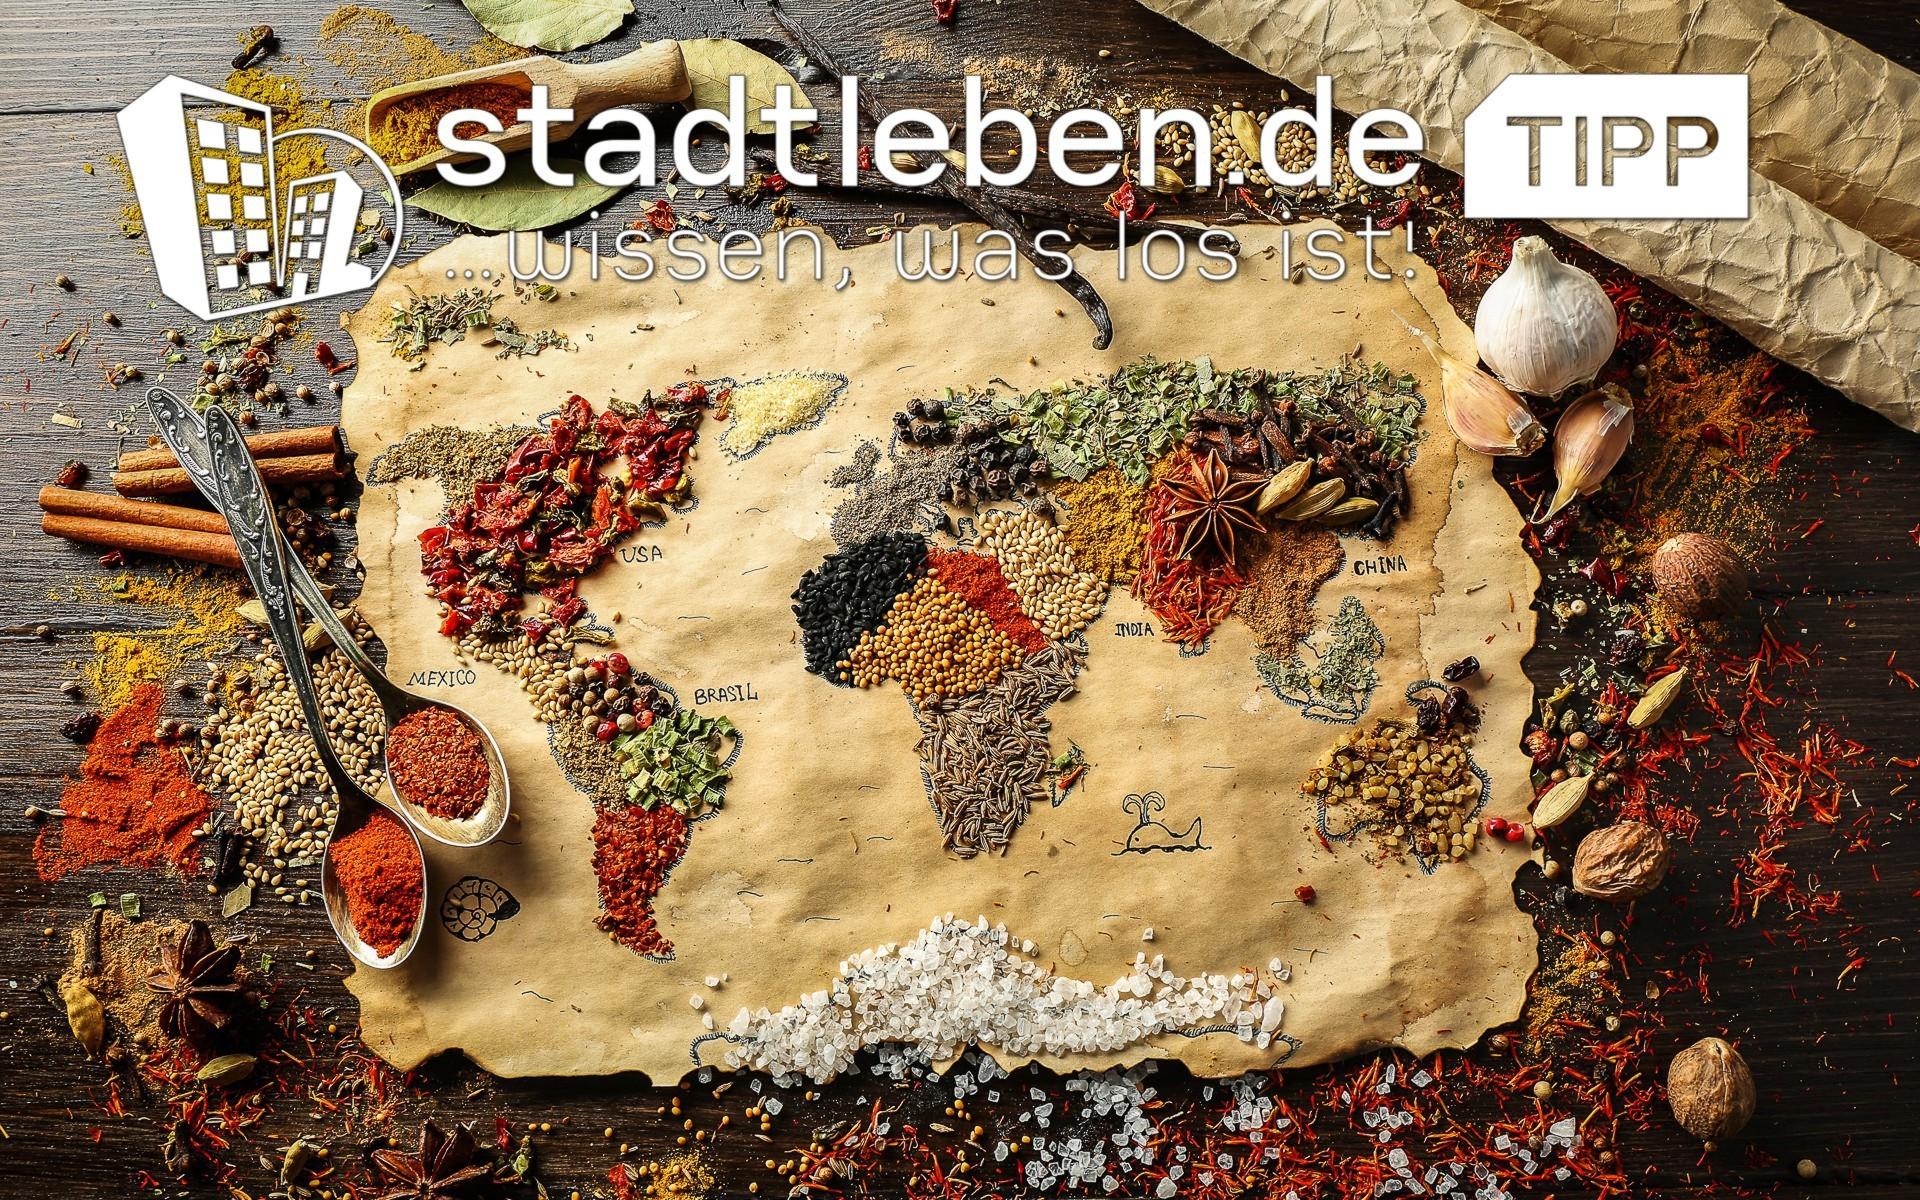 Kontinente, Weltkarte, Gewürze, Essen, Zutaten, kulinarisch, Restaurant, lecker, Vielfalt